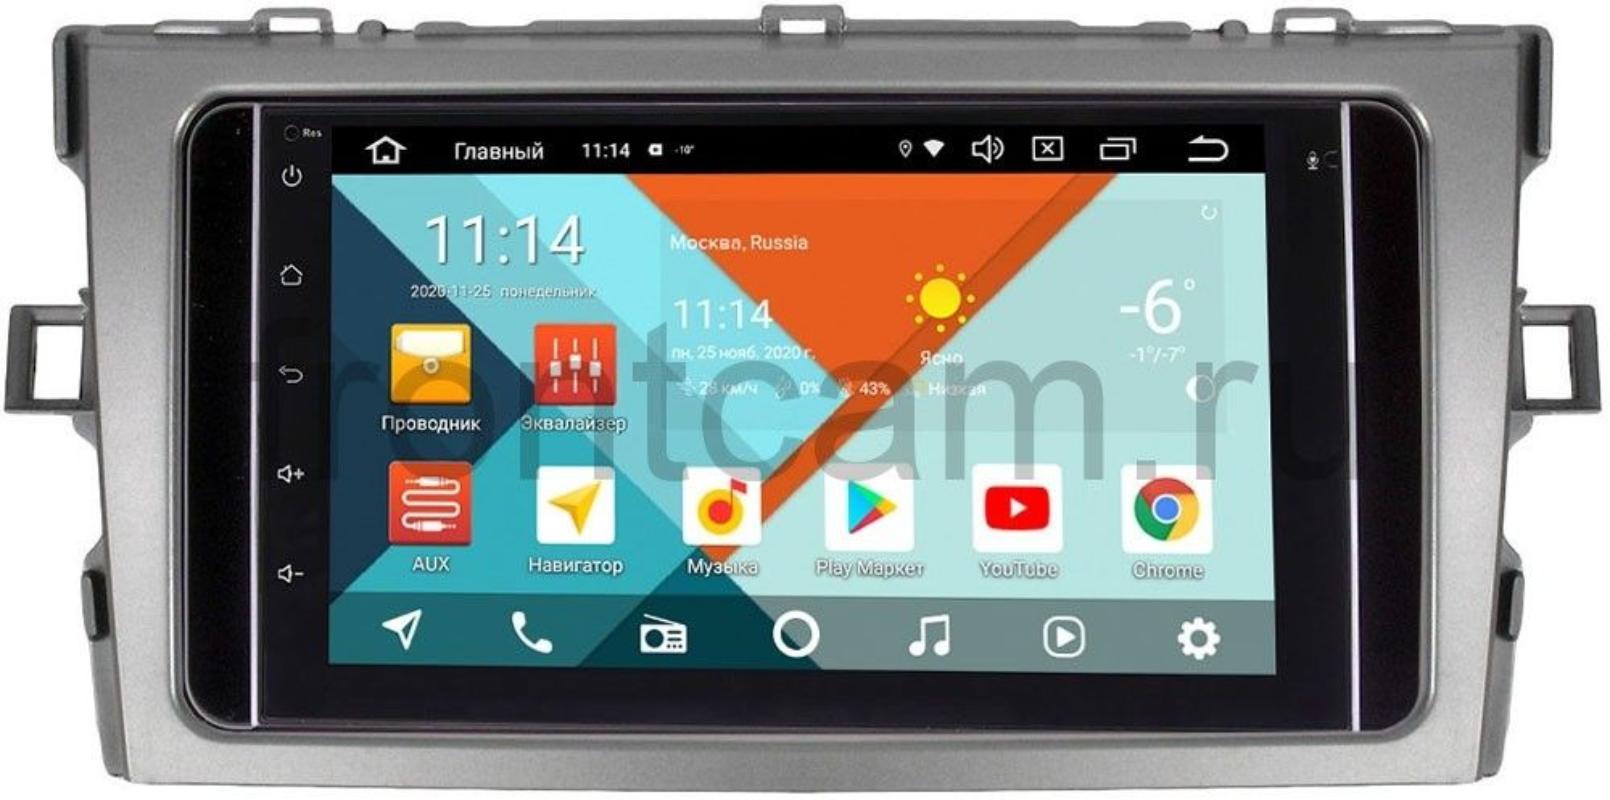 Штатная магнитола Wide Media KS7001QR-3/32-RP-TYVO-190 для Toyota Verso 2009-2016 Android 10(DSP CarPlay 4G-SIM) (+ Камера заднего вида в подарок!)